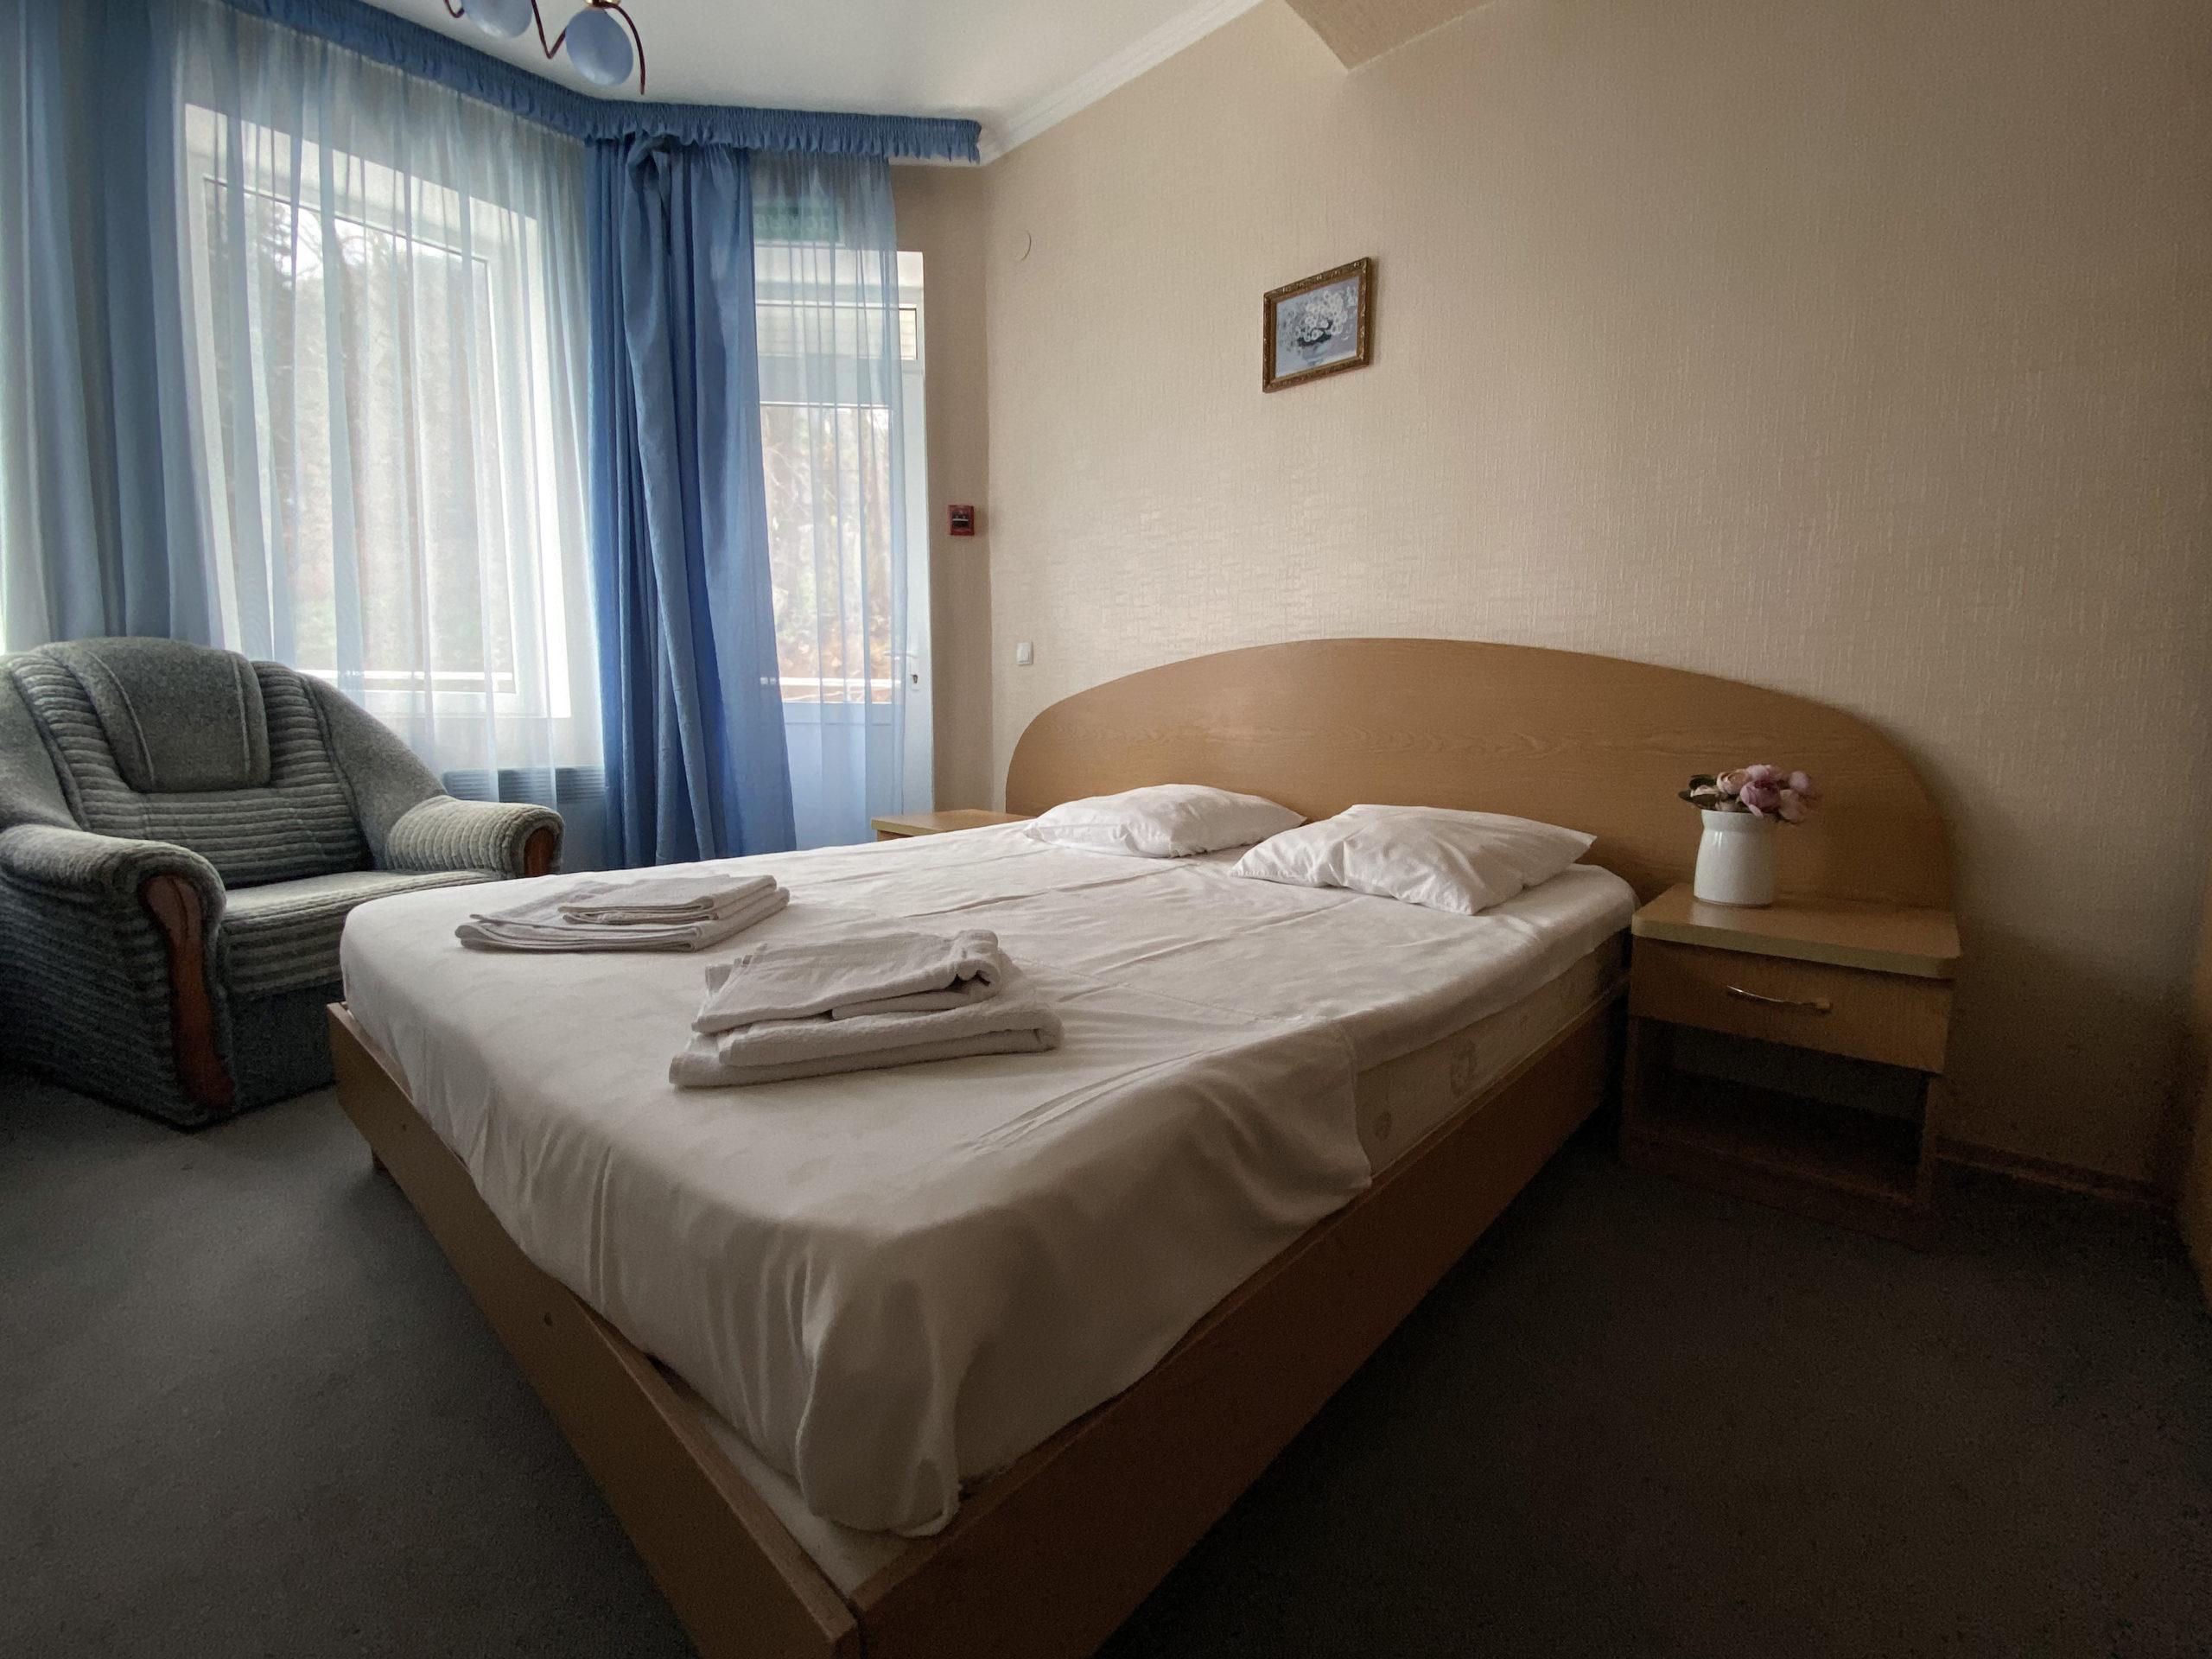 IMG 1937 scaled - LaVinya - гостиница в Профессорском уголке